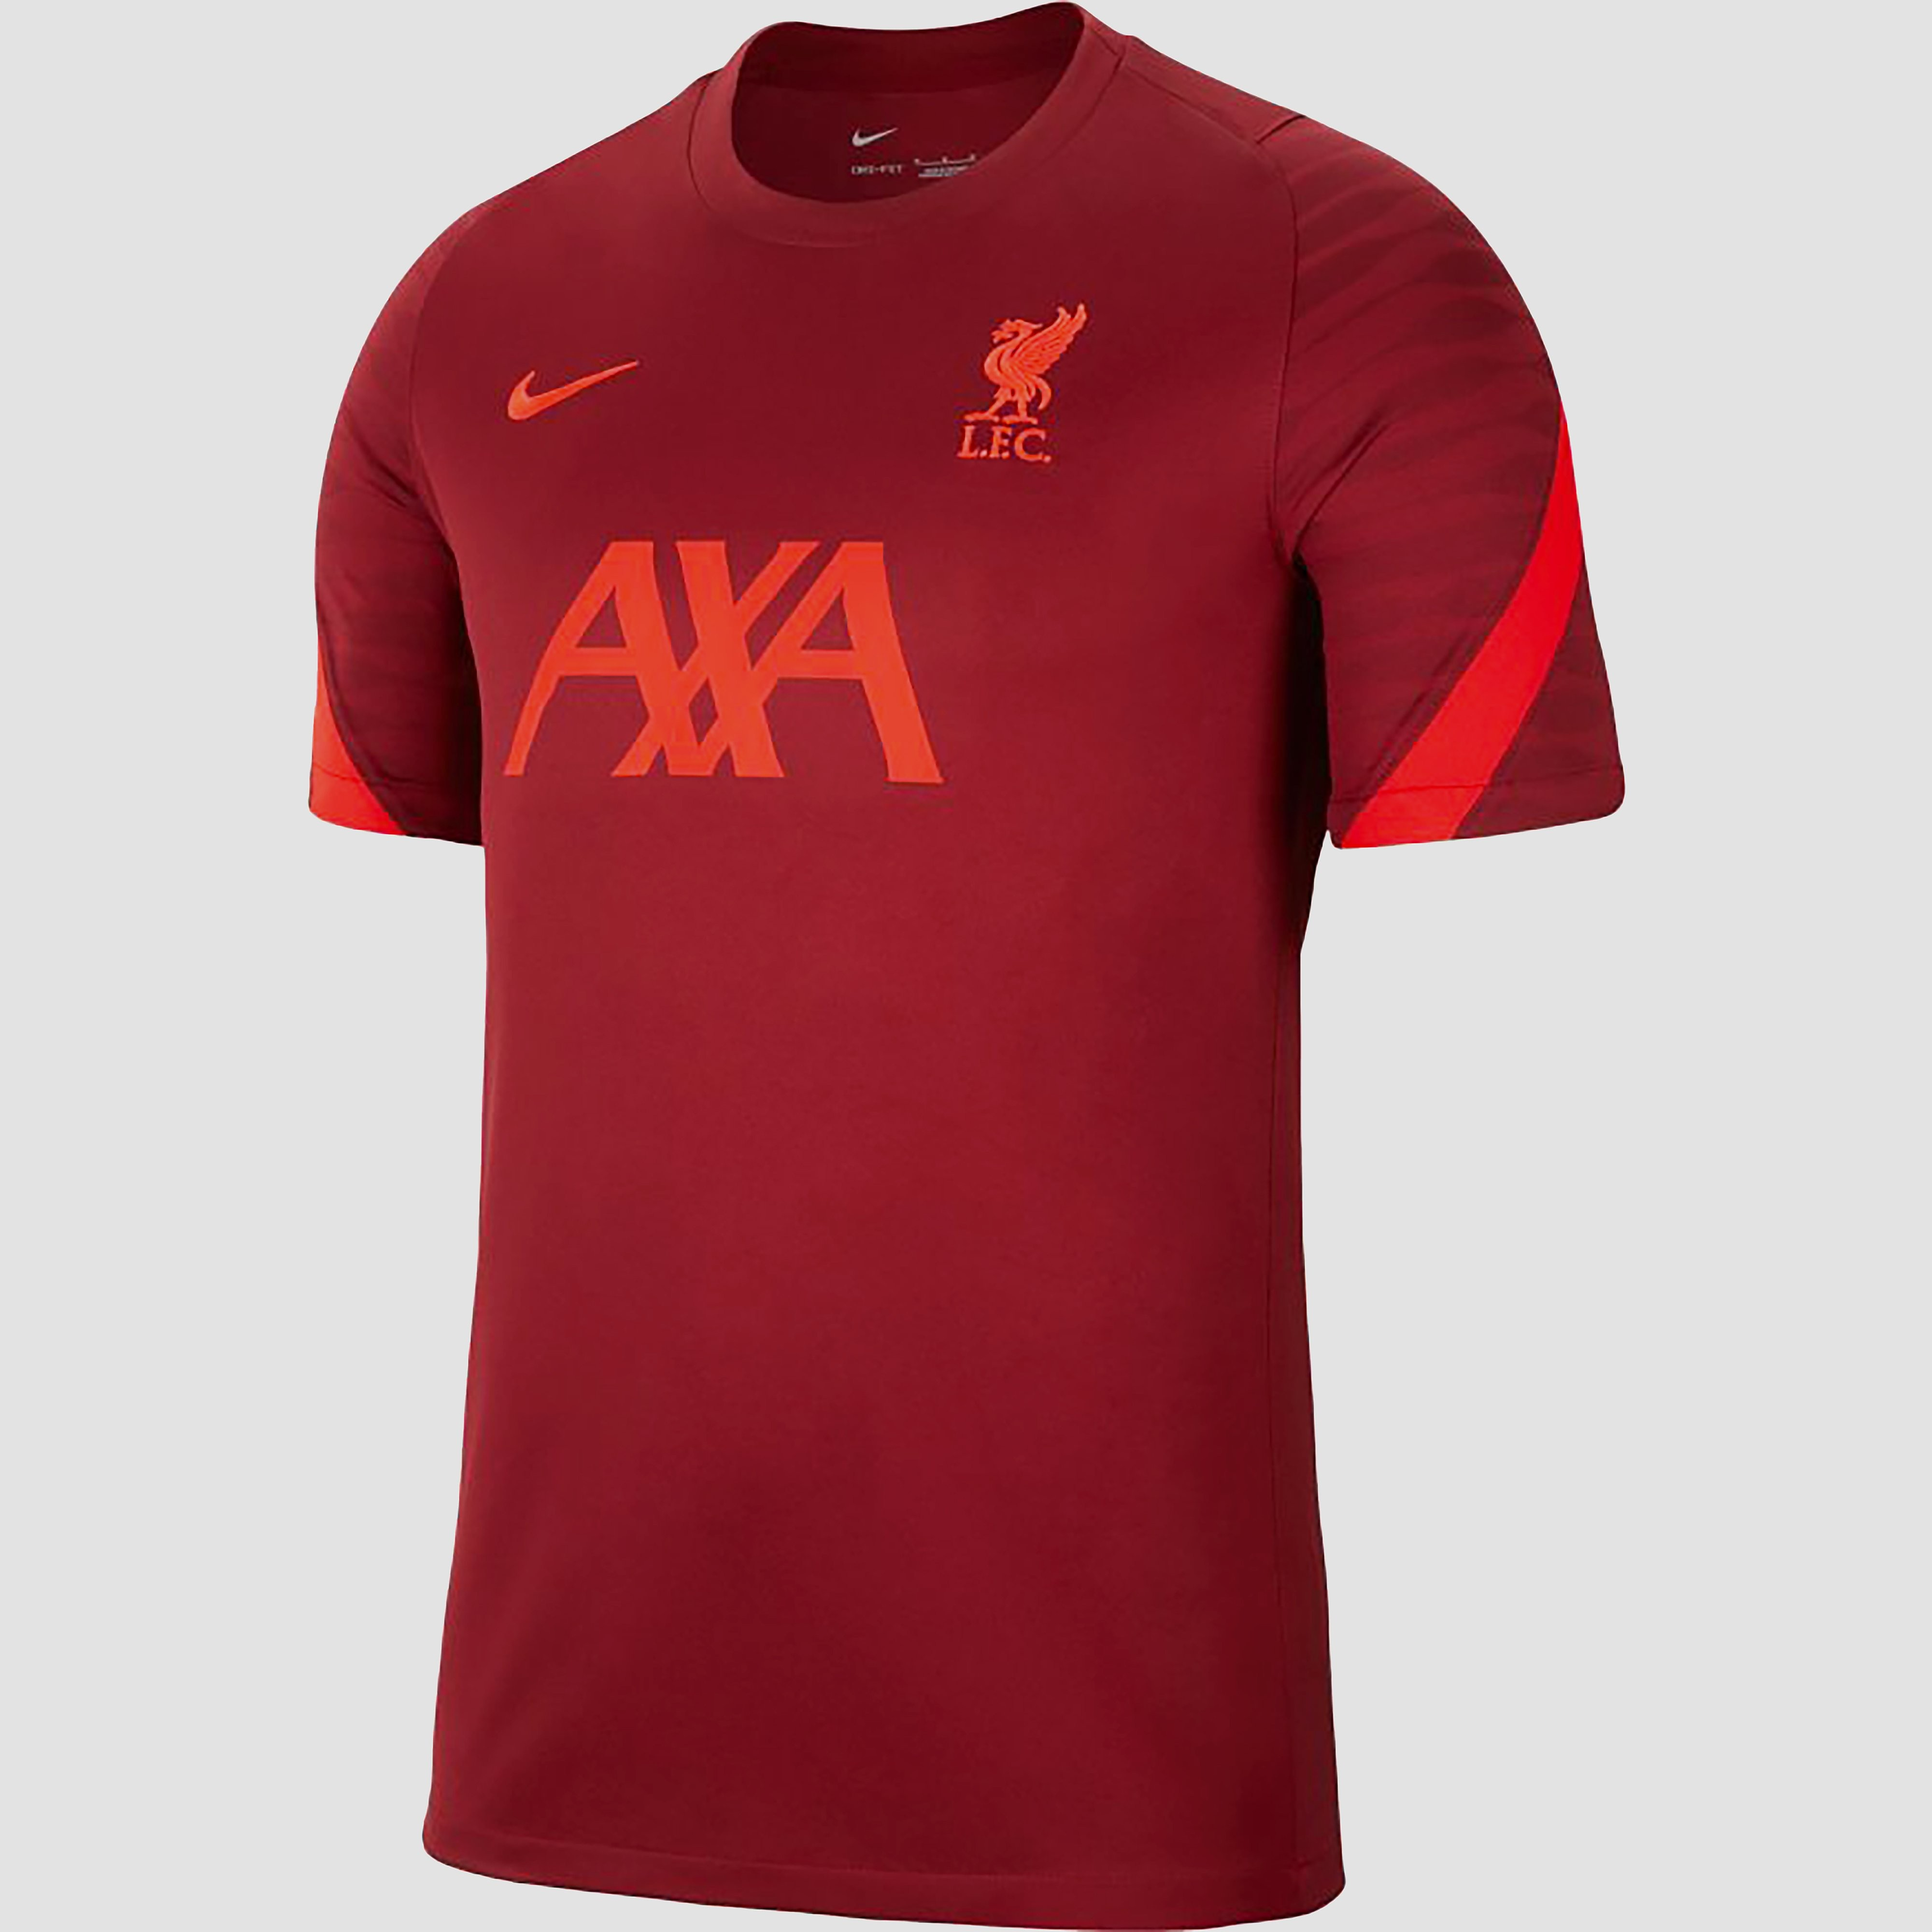 Nike Liverpool FC Strike Voetbalshirt Heren Team Red/Bright Crimson/Bright Crimson Heren online kopen